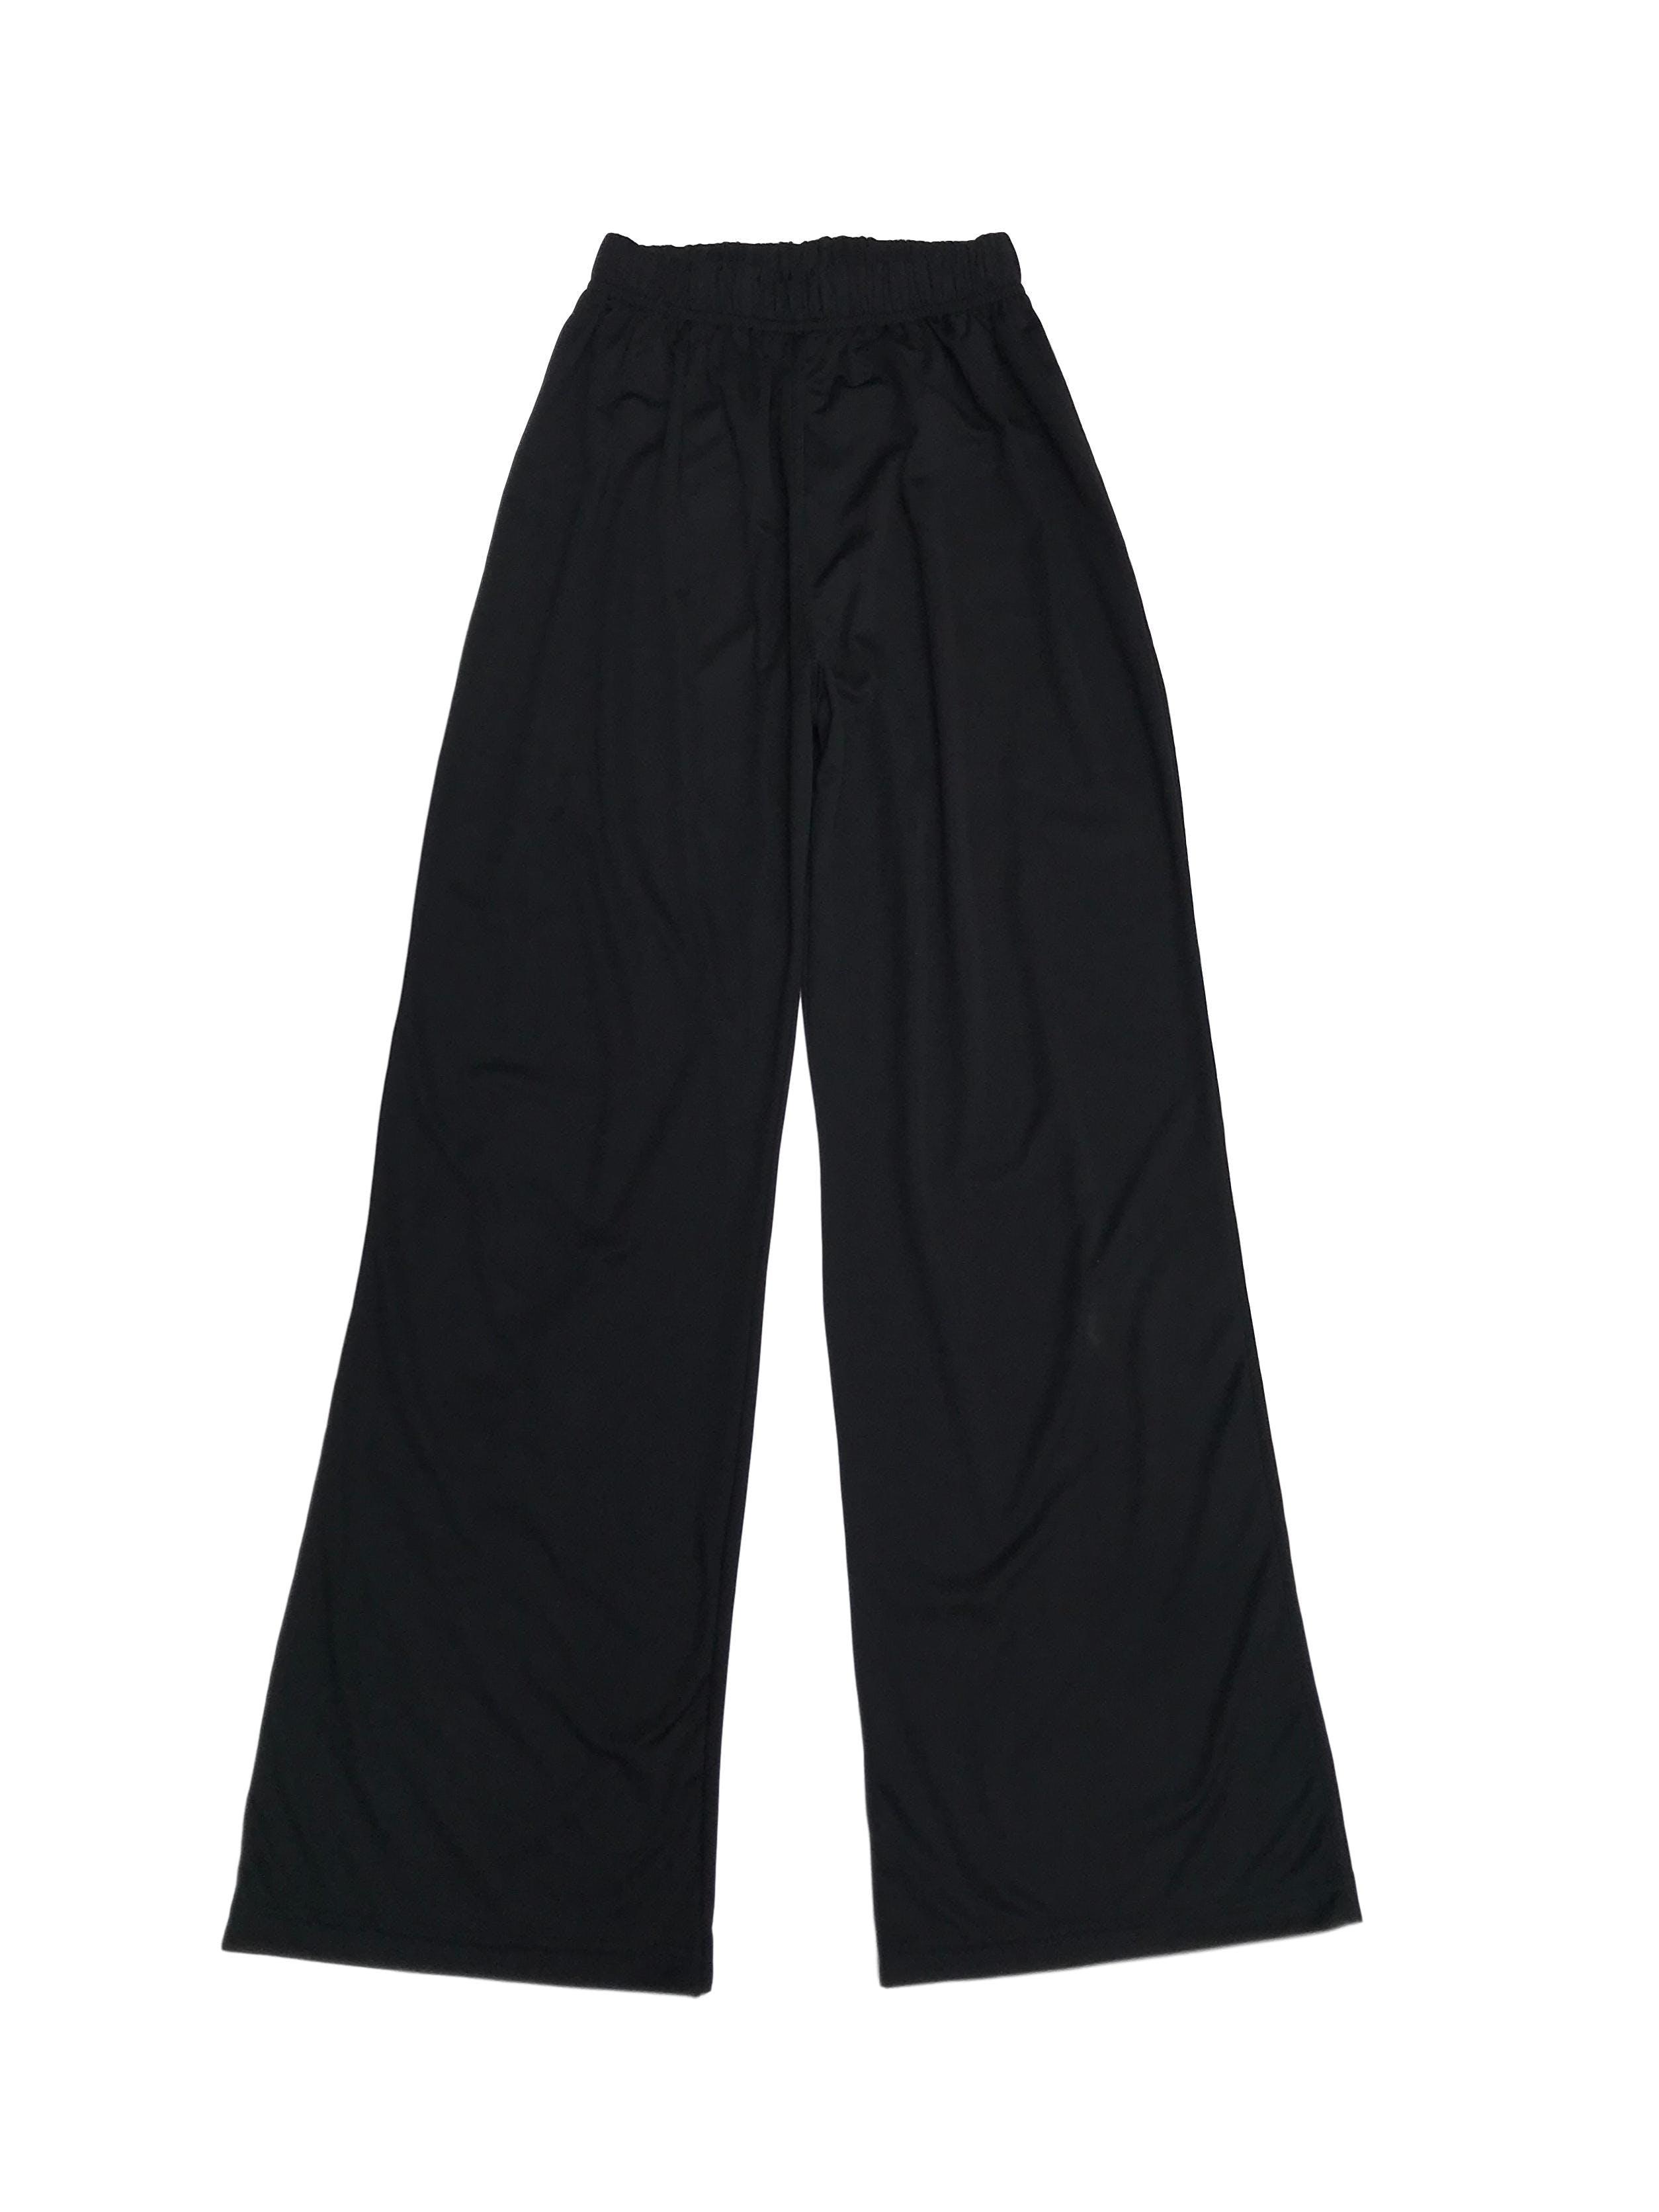 Pantalón negro satinado tipo buzo, corte recto con elástico en la cintura (60cm sin estirar)